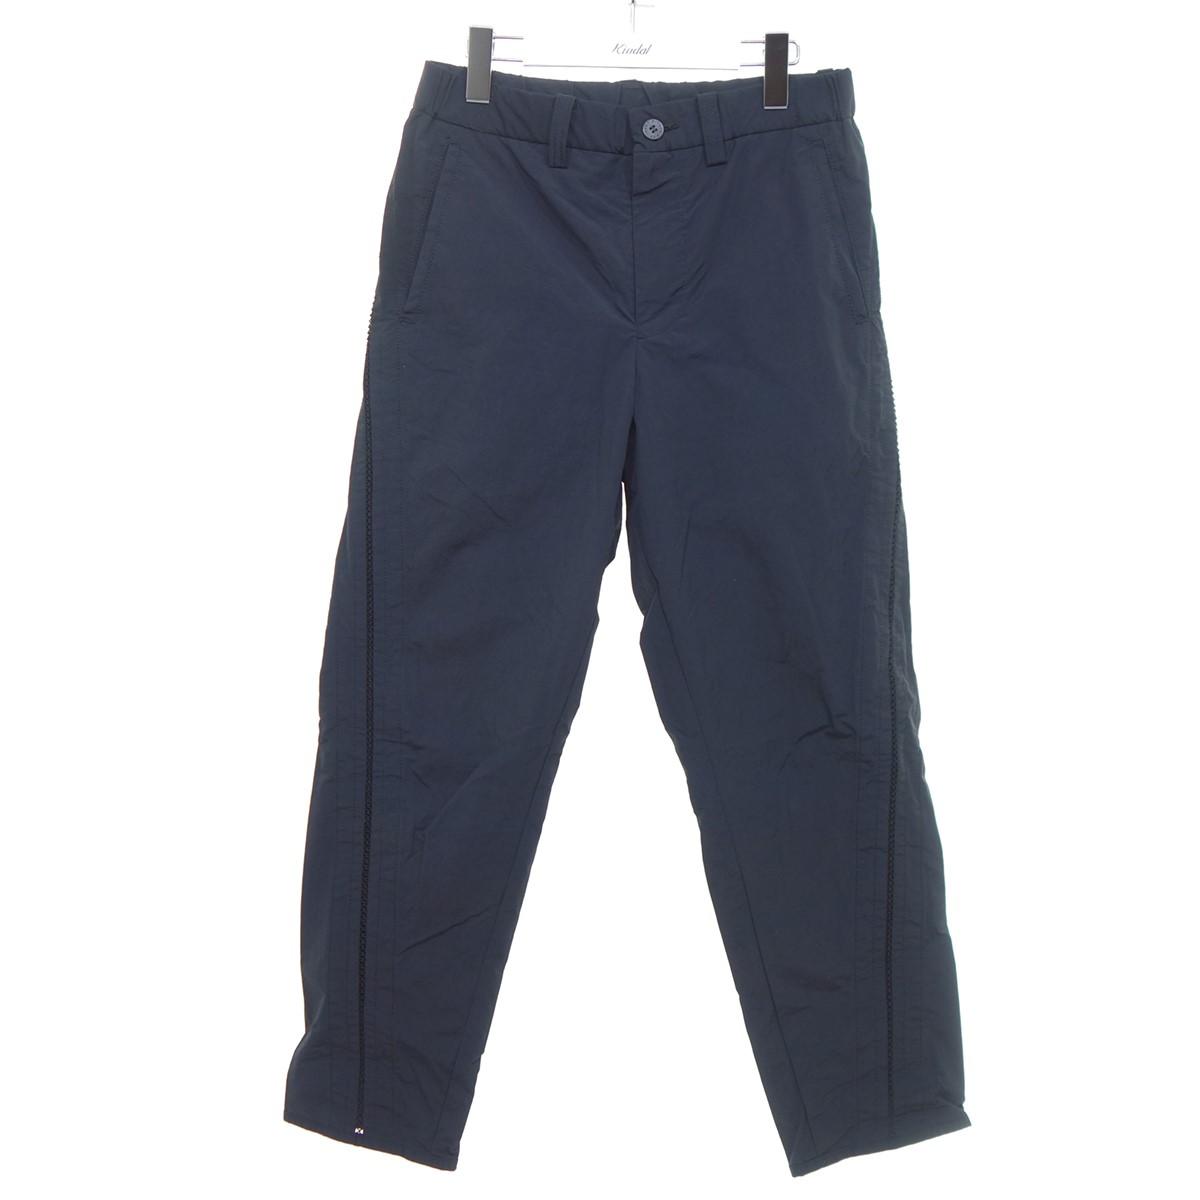 【中古】ISSEY MIYAKE MEN 20SS サイド編み込み装飾パンツ ブラック サイズ:1 【040820】(イッセイミヤケ)